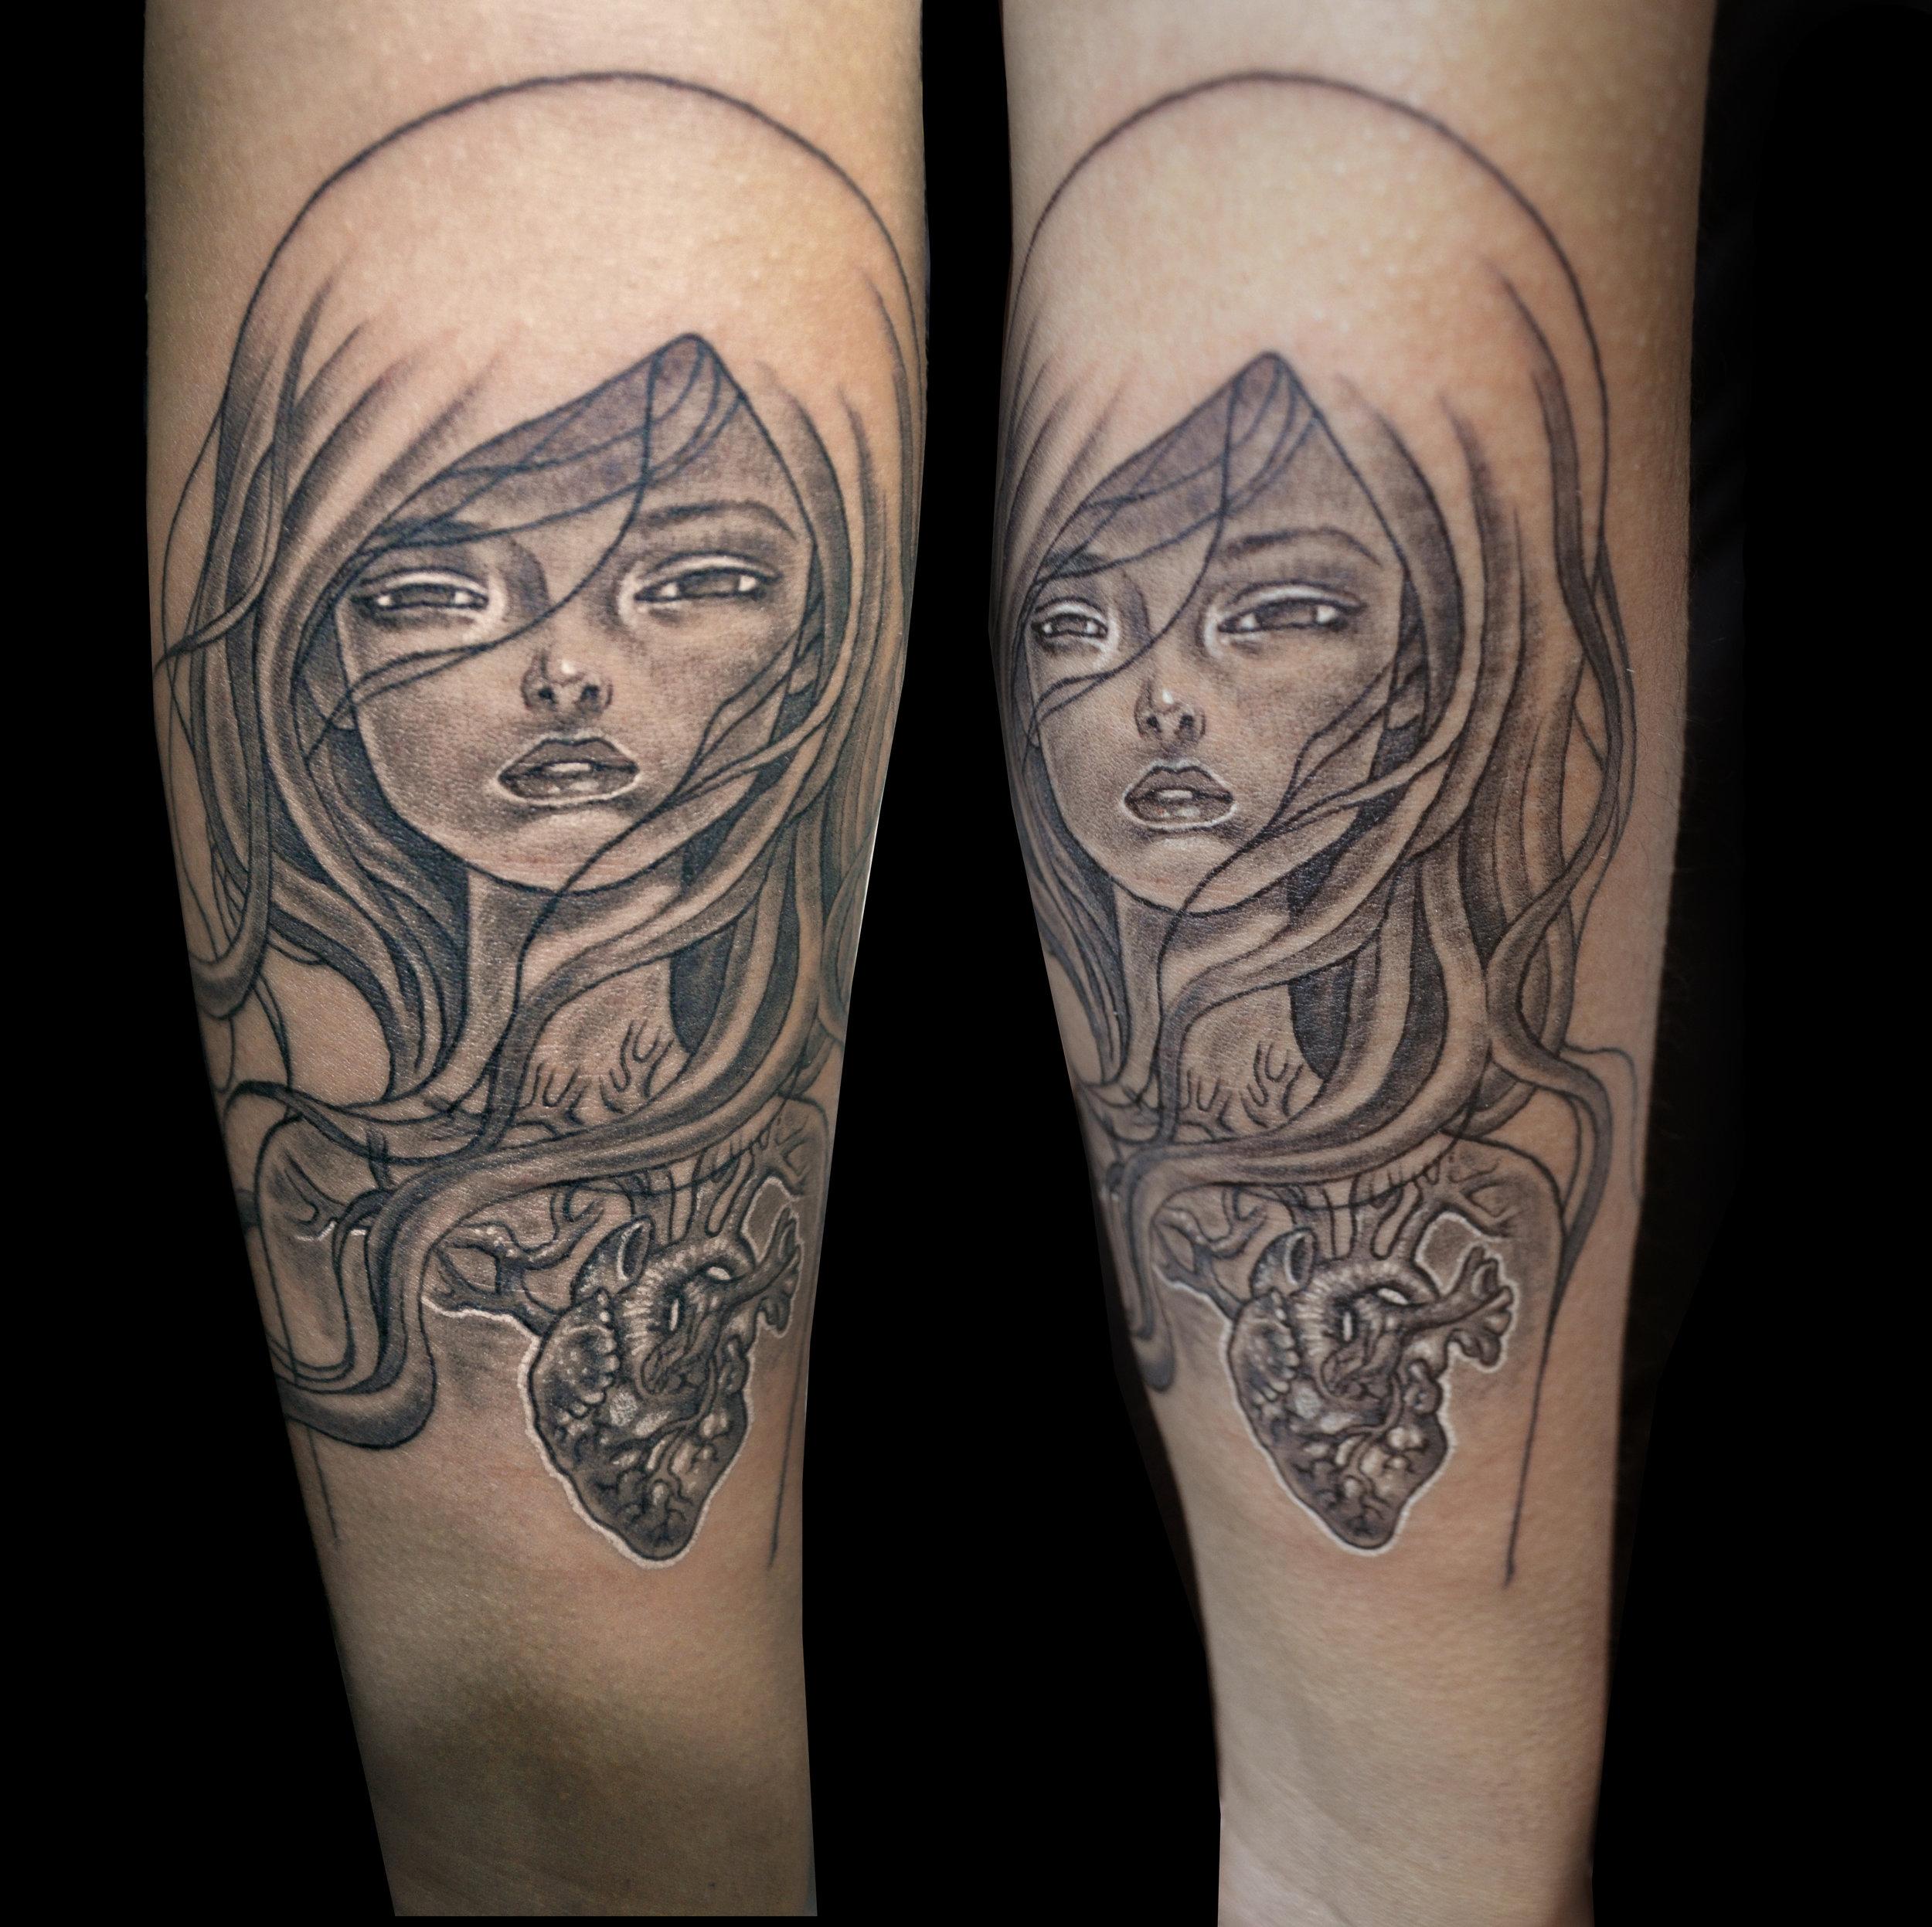 Audrey Kawasaki Tattoo3 black.jpg